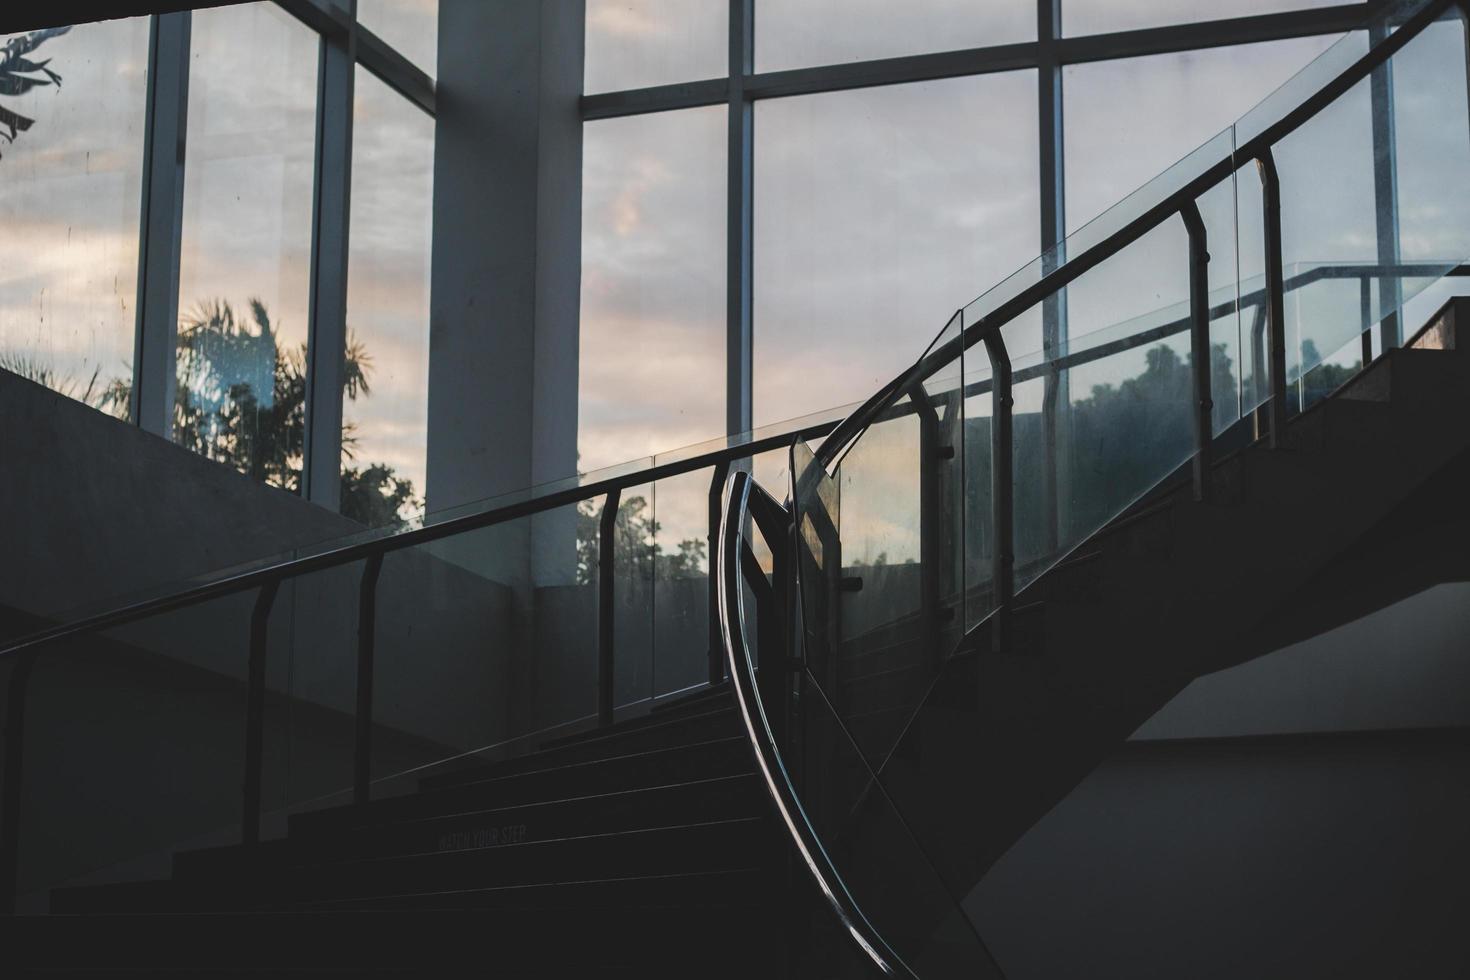 inre trappa i gryningen foto